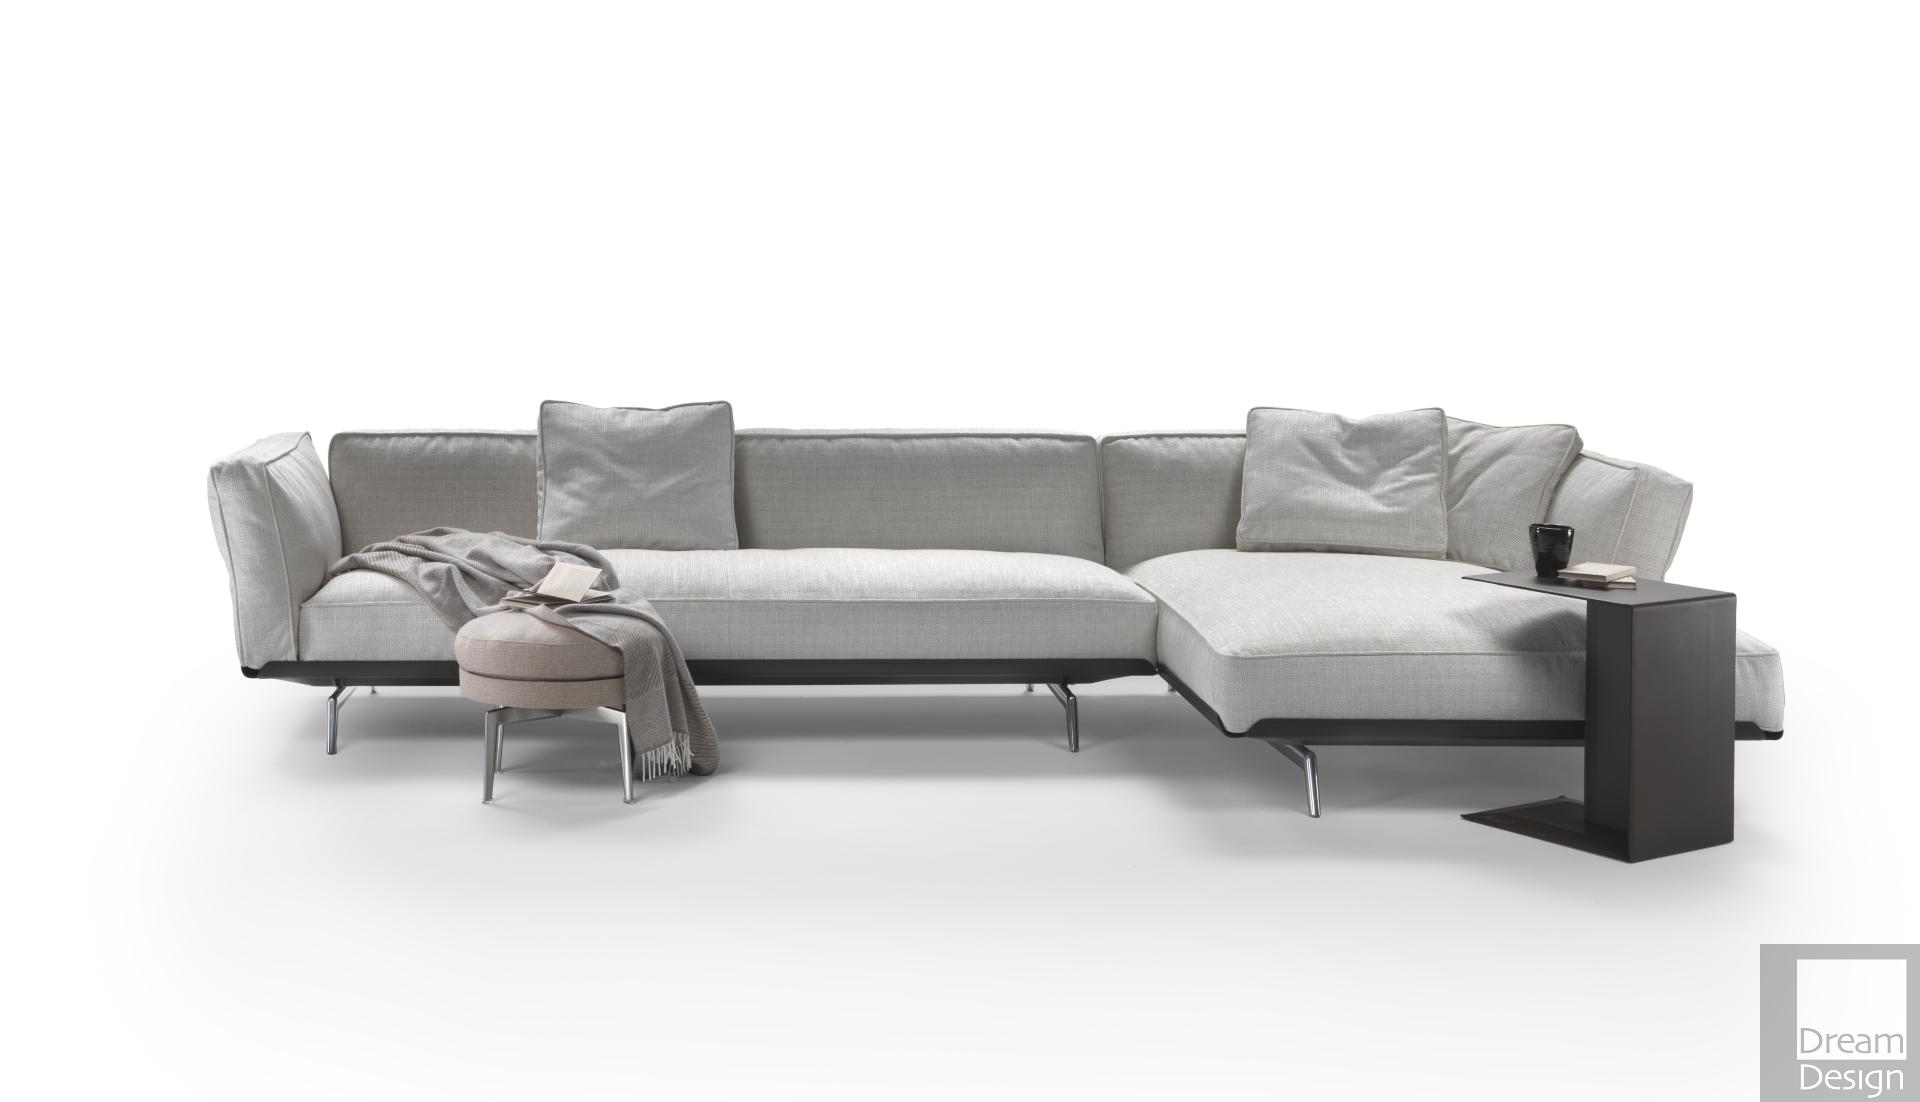 Flexform Este Sofa Dream Design Interiors Ltd